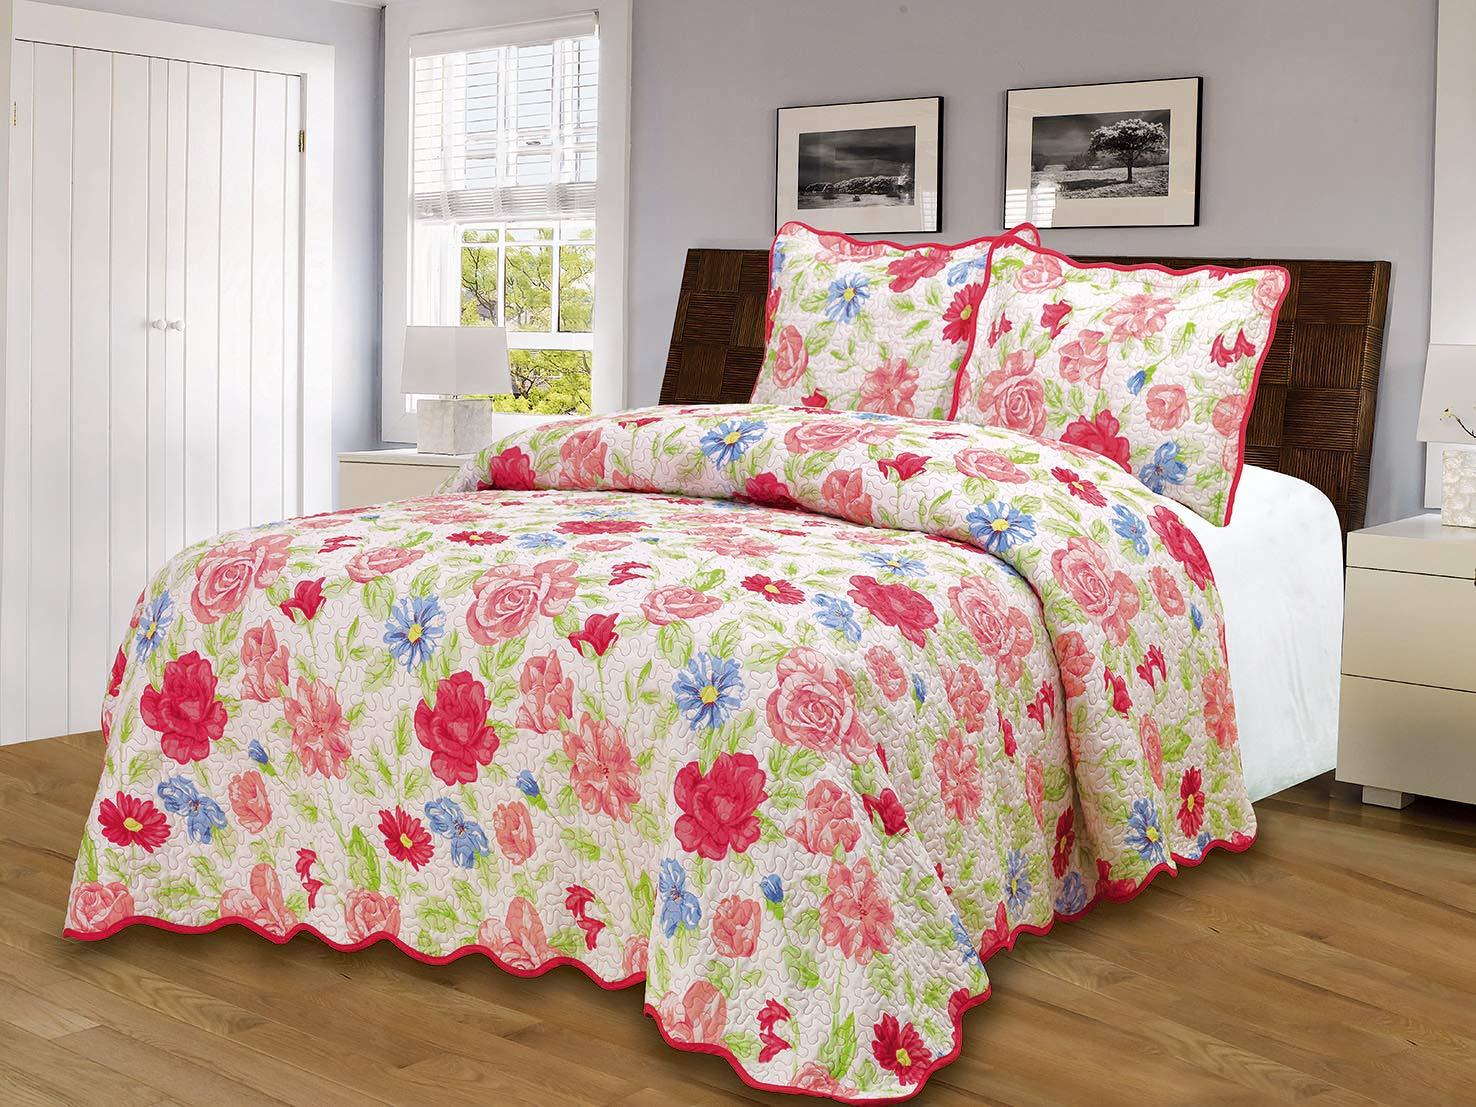 Rose Floral King EM90RO Glory Home Design Reversible Quilt Set